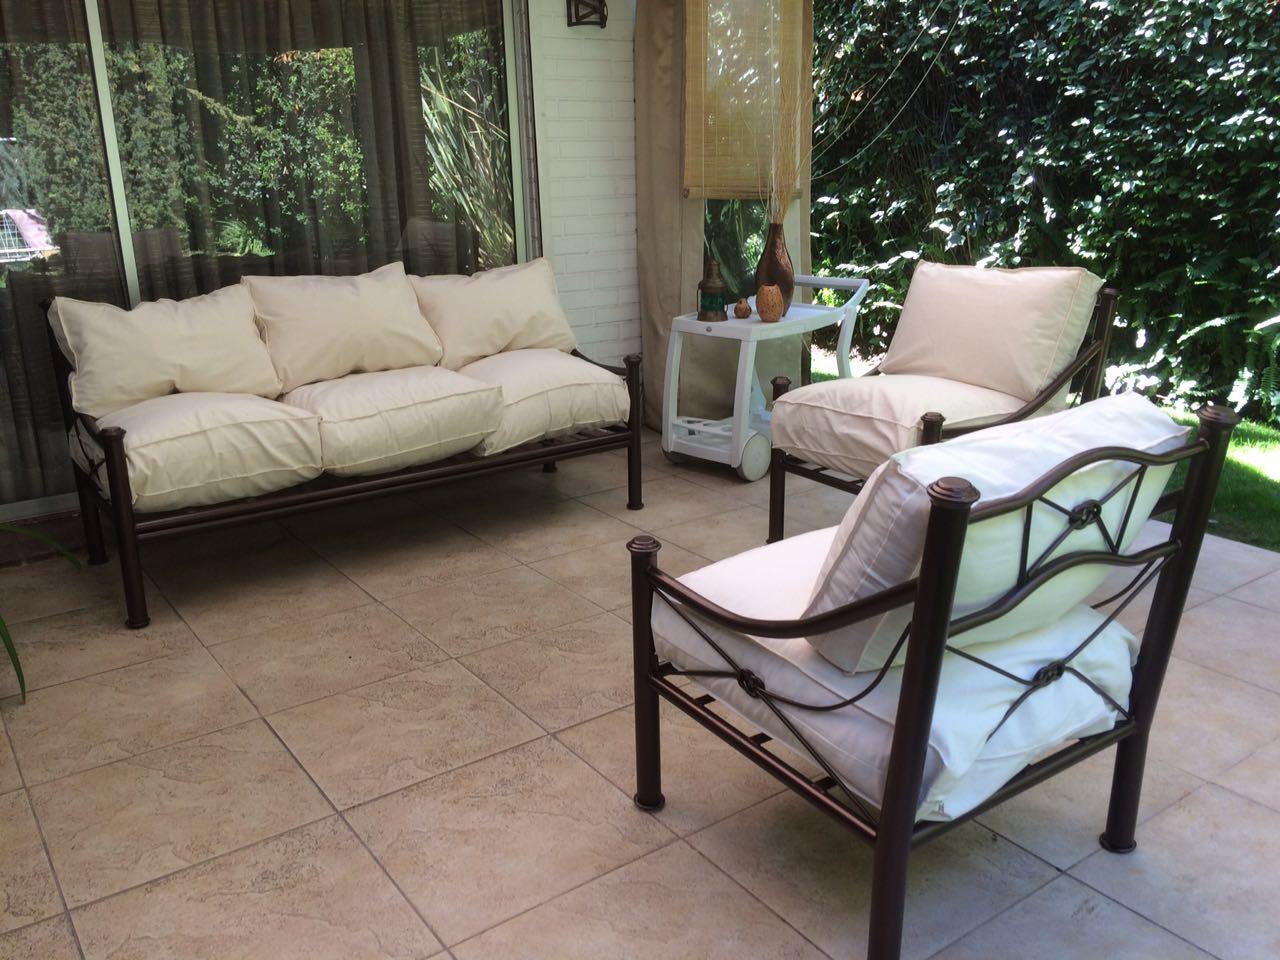 Living fierro modelo talca rusti home armonia en tu hogar for Muebles terraza fierro